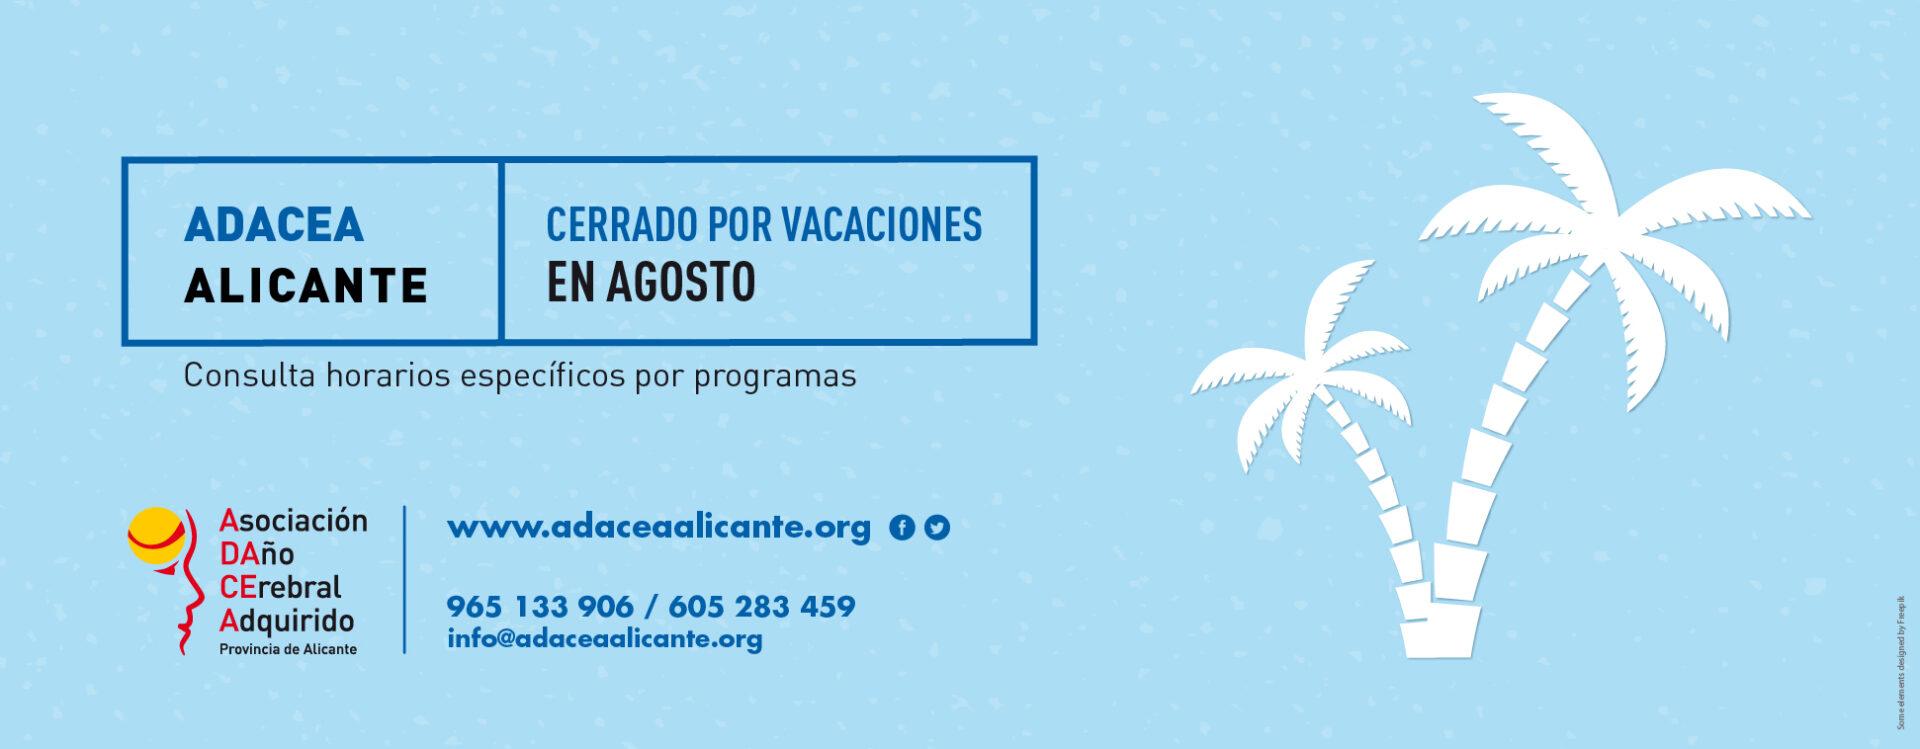 ADACEA Alicante cierra por vacaciones